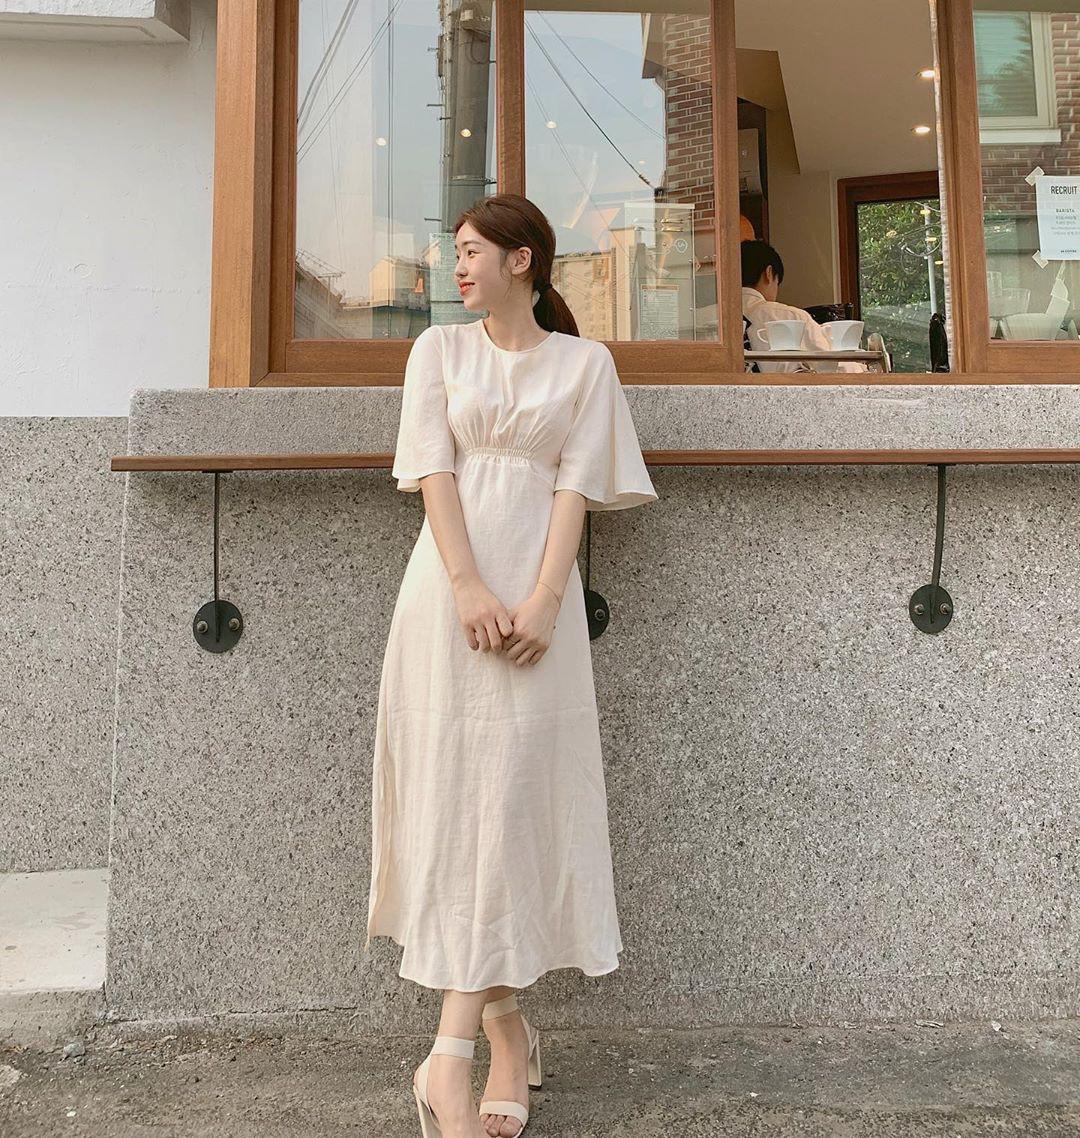 """4 mẫu váy đơn giản nhưng thừa độ sang chảnh, tinh tế giúp style của chị em """"sang trang"""" mới huy hoàng - Ảnh 2"""